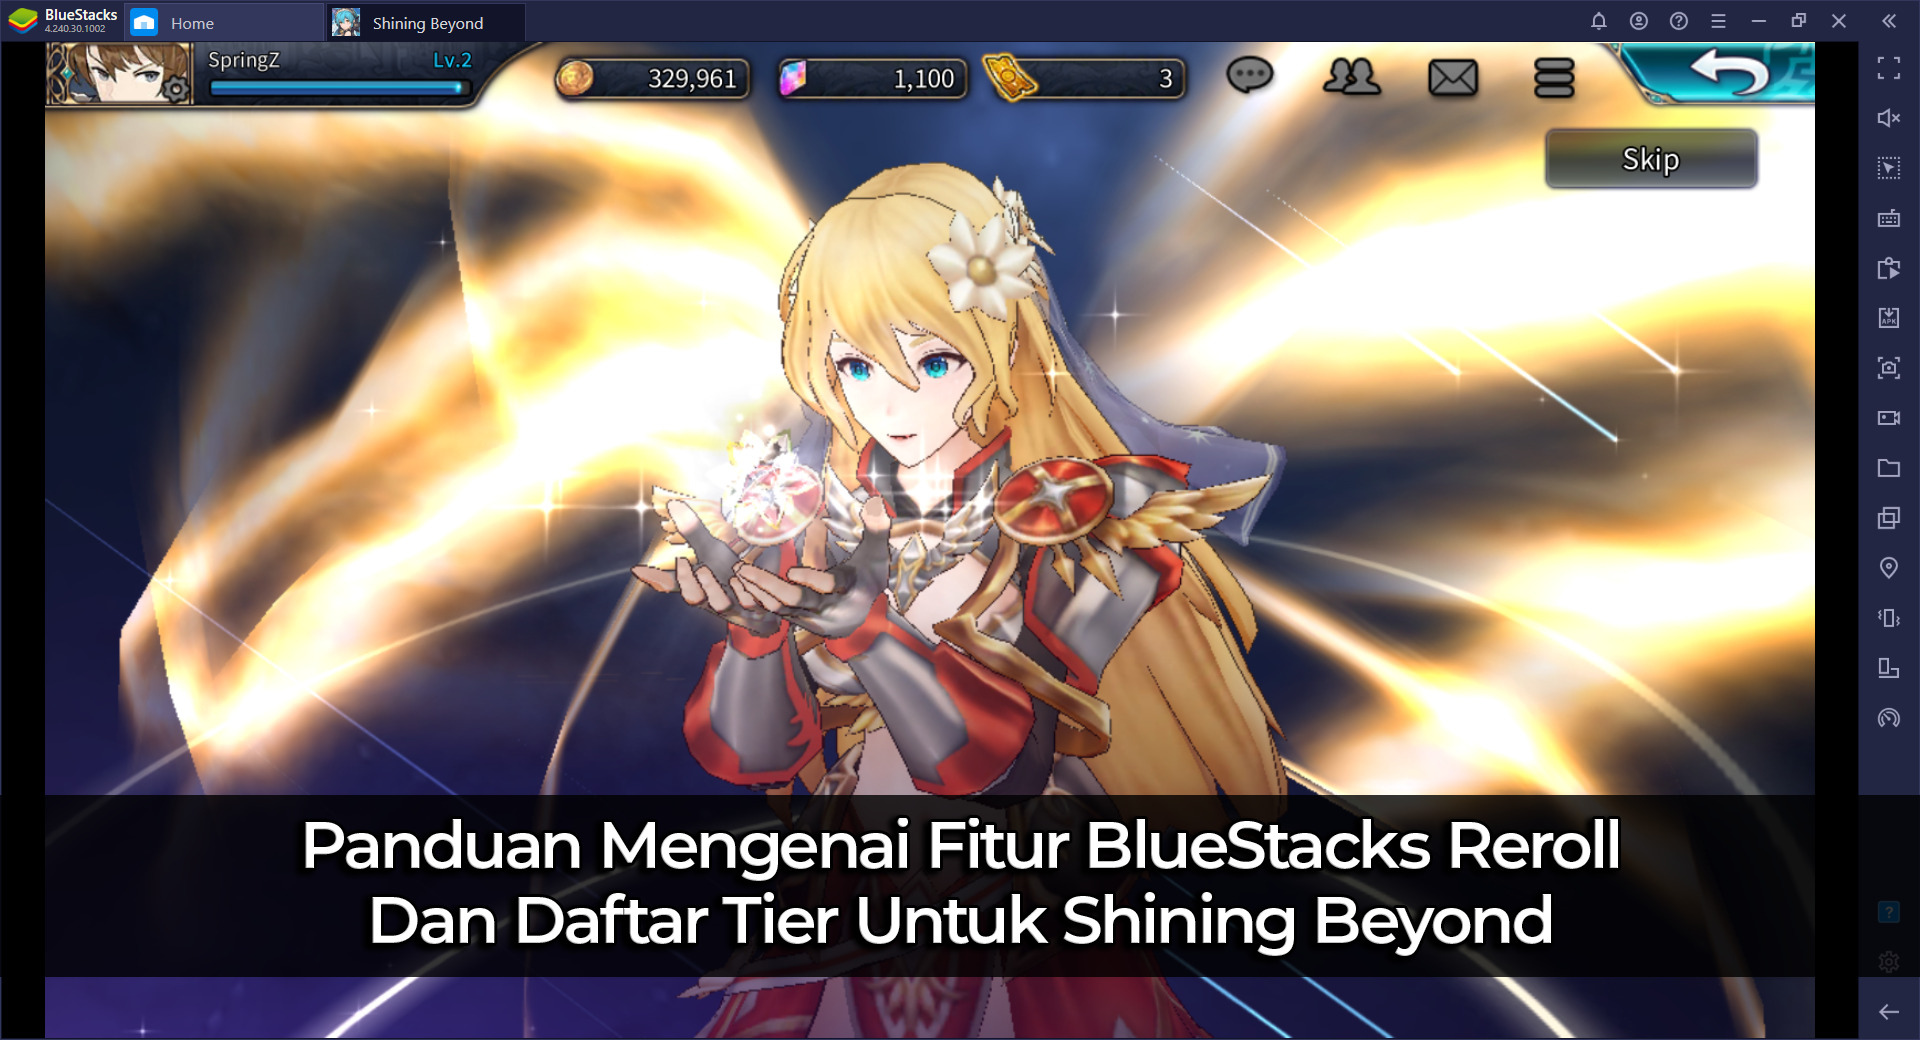 Panduan Mengenai Fitur BlueStacks Reroll Dan Daftar Tier Untuk Shining Beyond